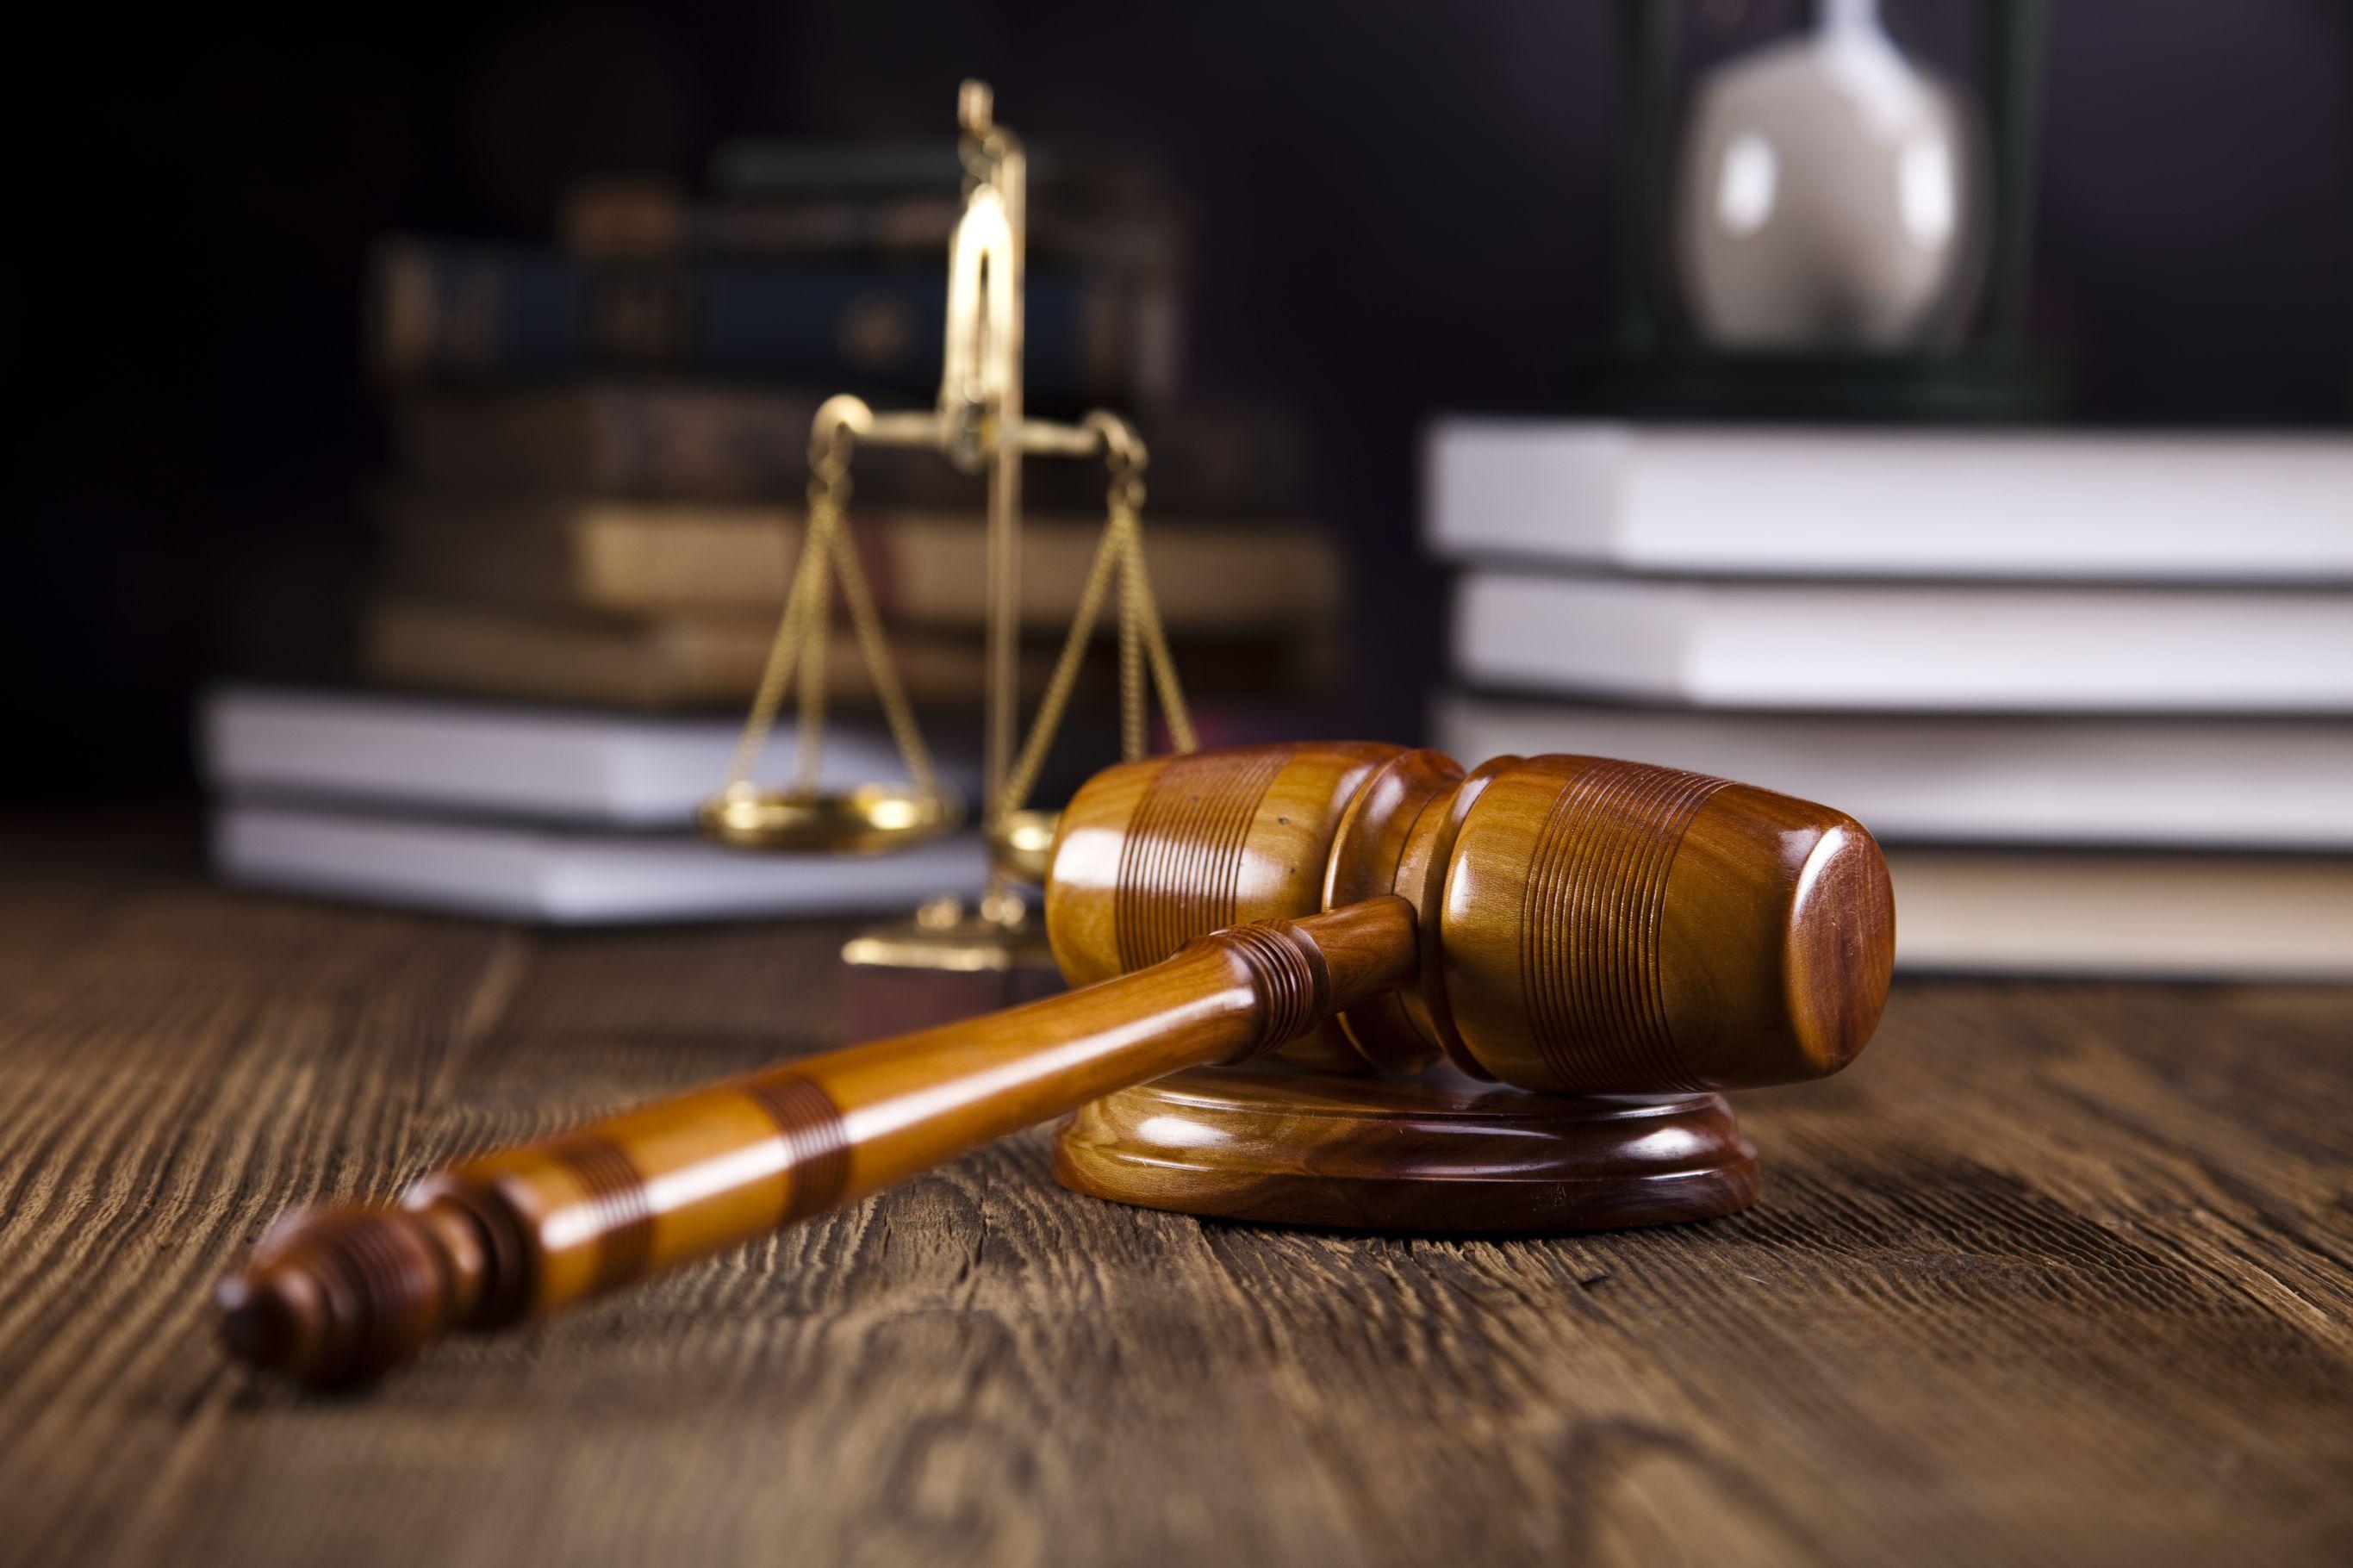 несмотря название, закон о разводе в бельгии проектируют